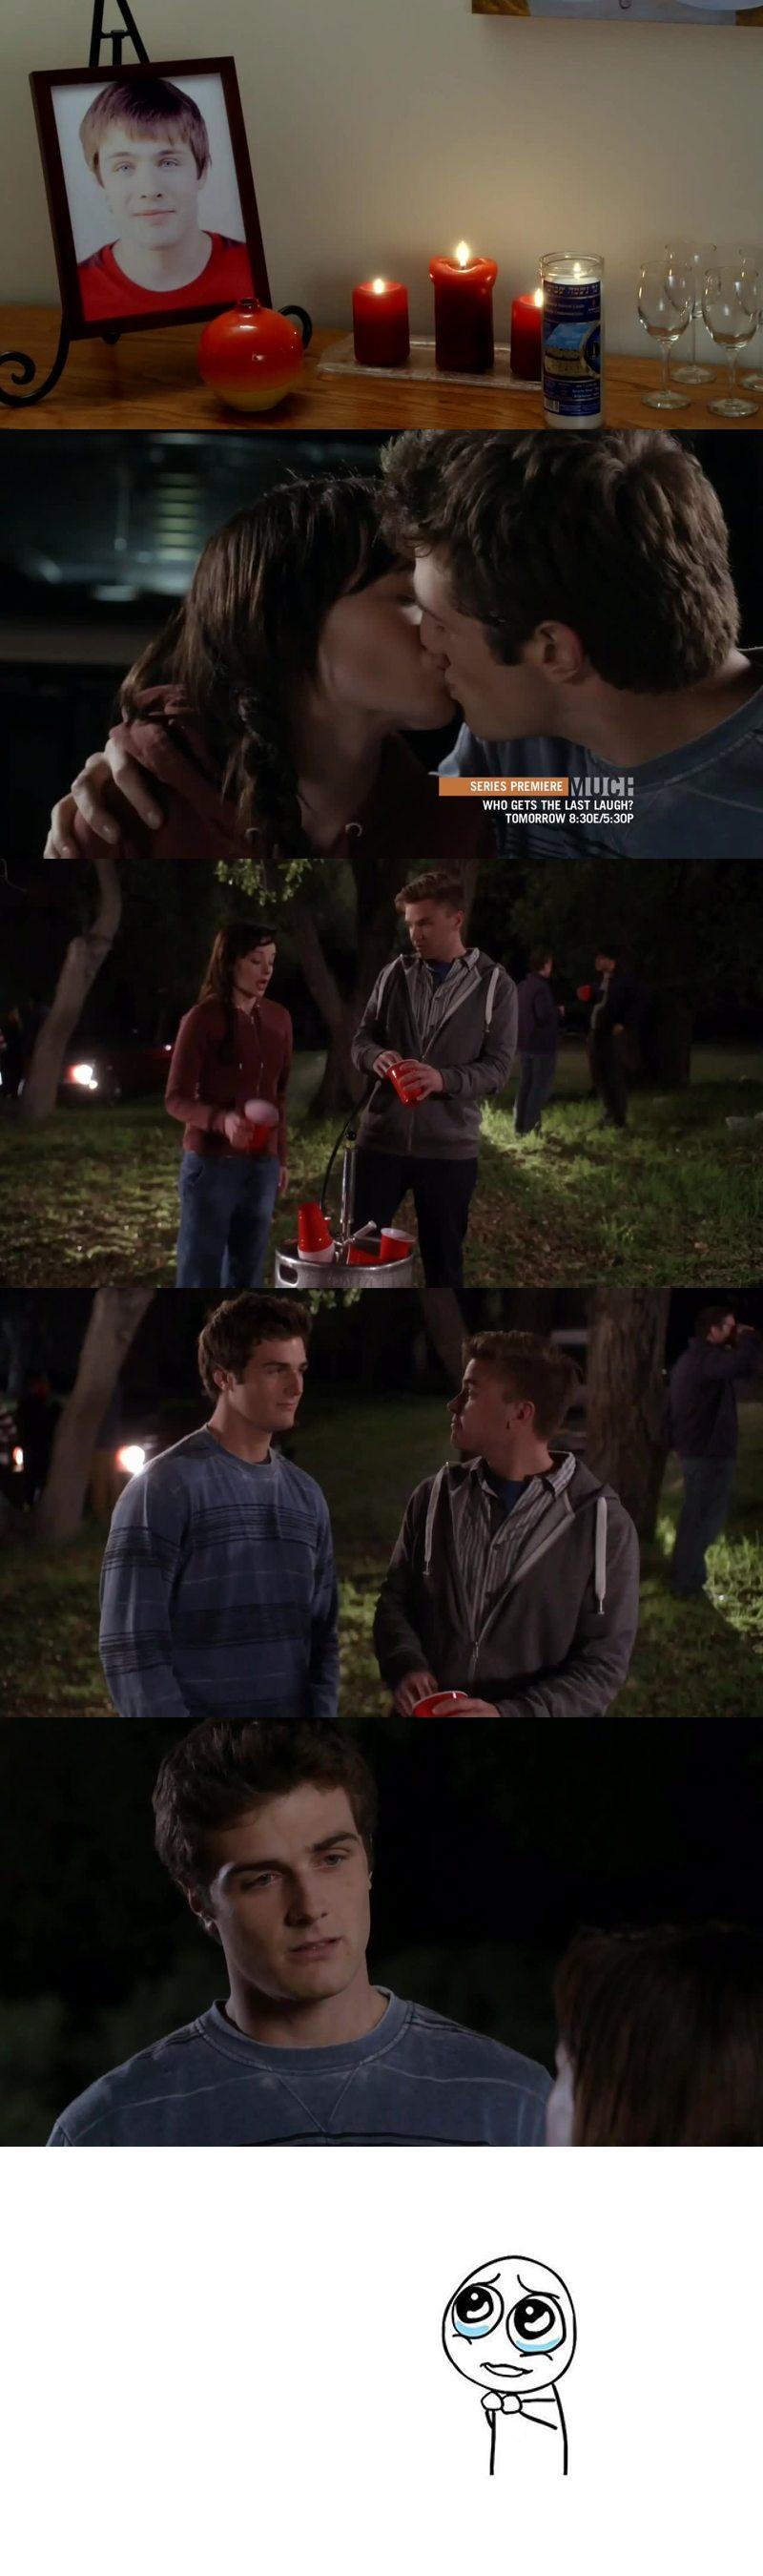 C'est vraiment triste que Ricky soit mort ... Mais l'histoire de Jenna enceinte franchement c'est une succession de bêtises ... Mes sa serait tellement bien que sa soit vrai... Maths à eu tord de réagir comme ca ...